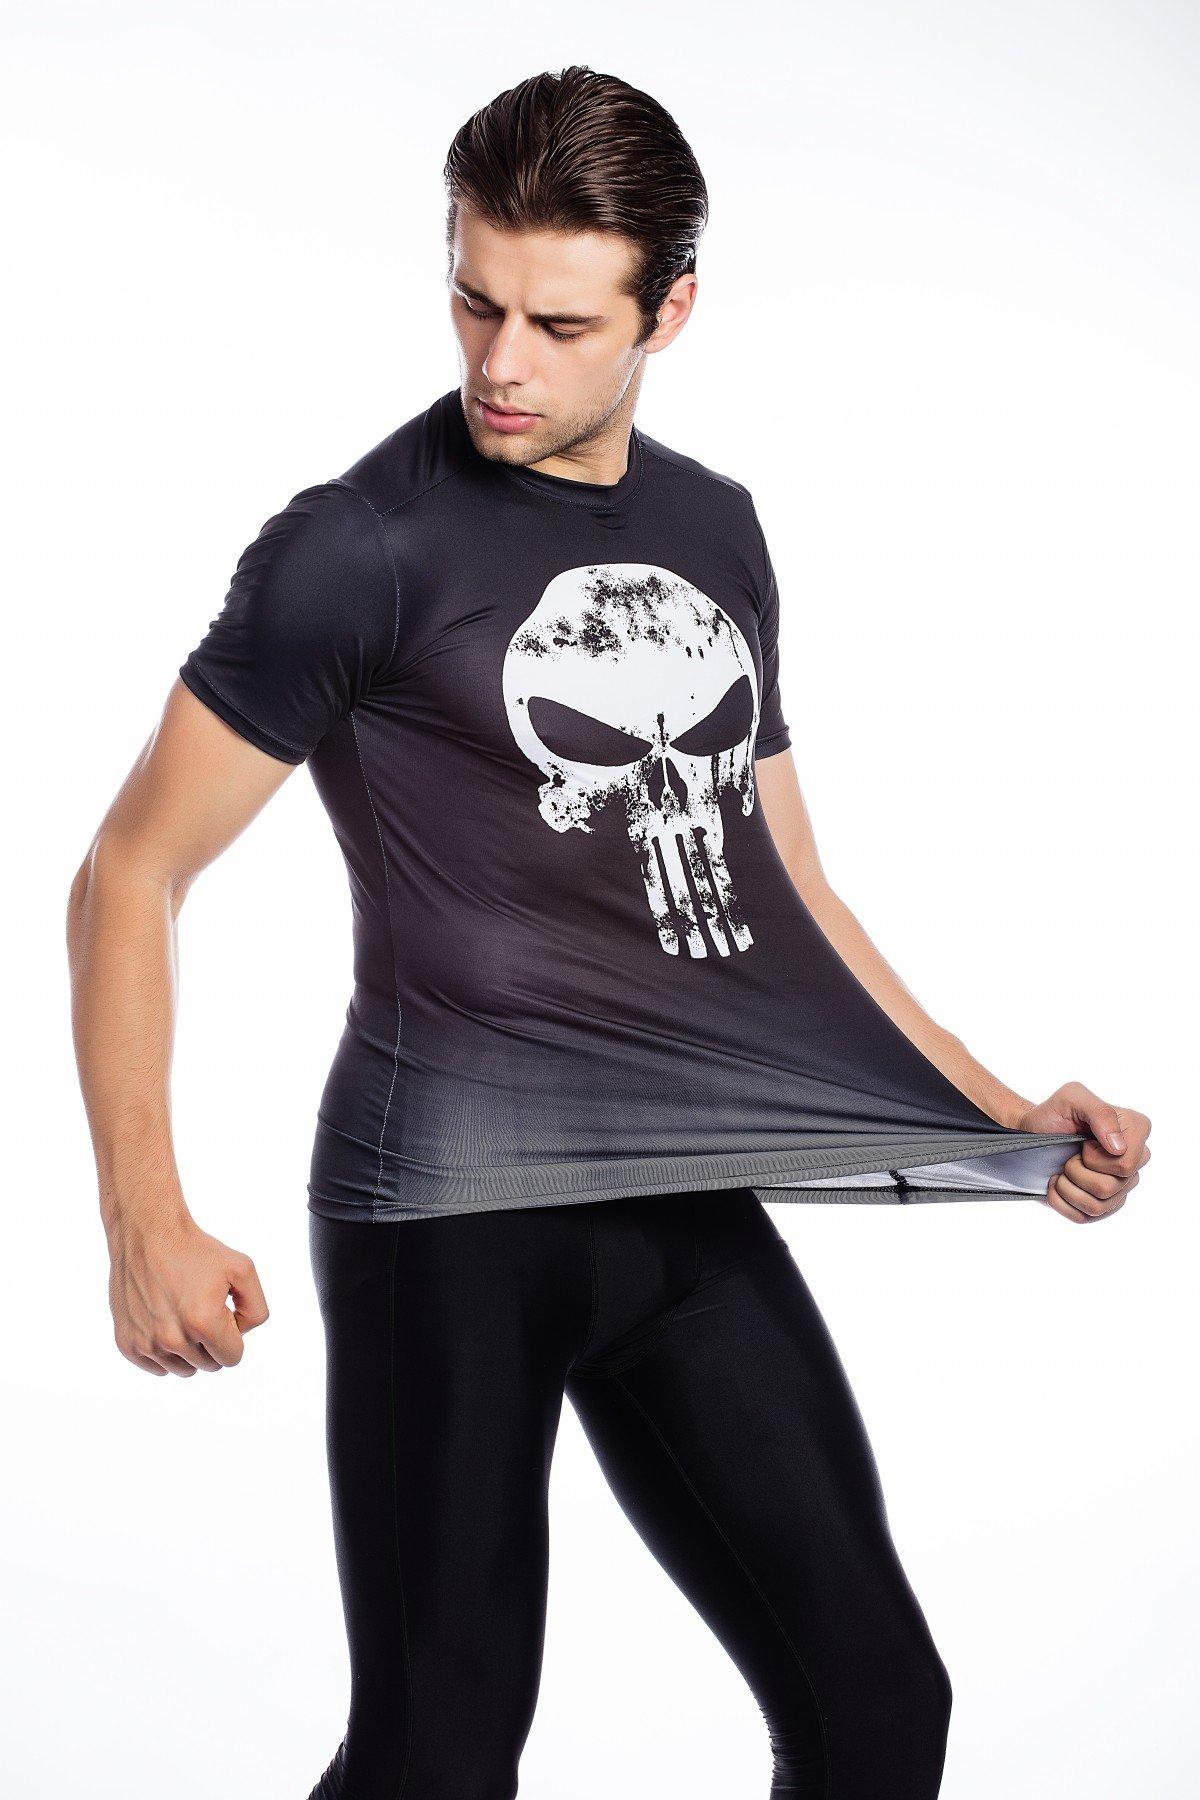 Cody Lundin /® Uomo Moda Maschile Visione Stampato Festa in Maschera allaperto in Maniche Corte Stile Fitness Sport